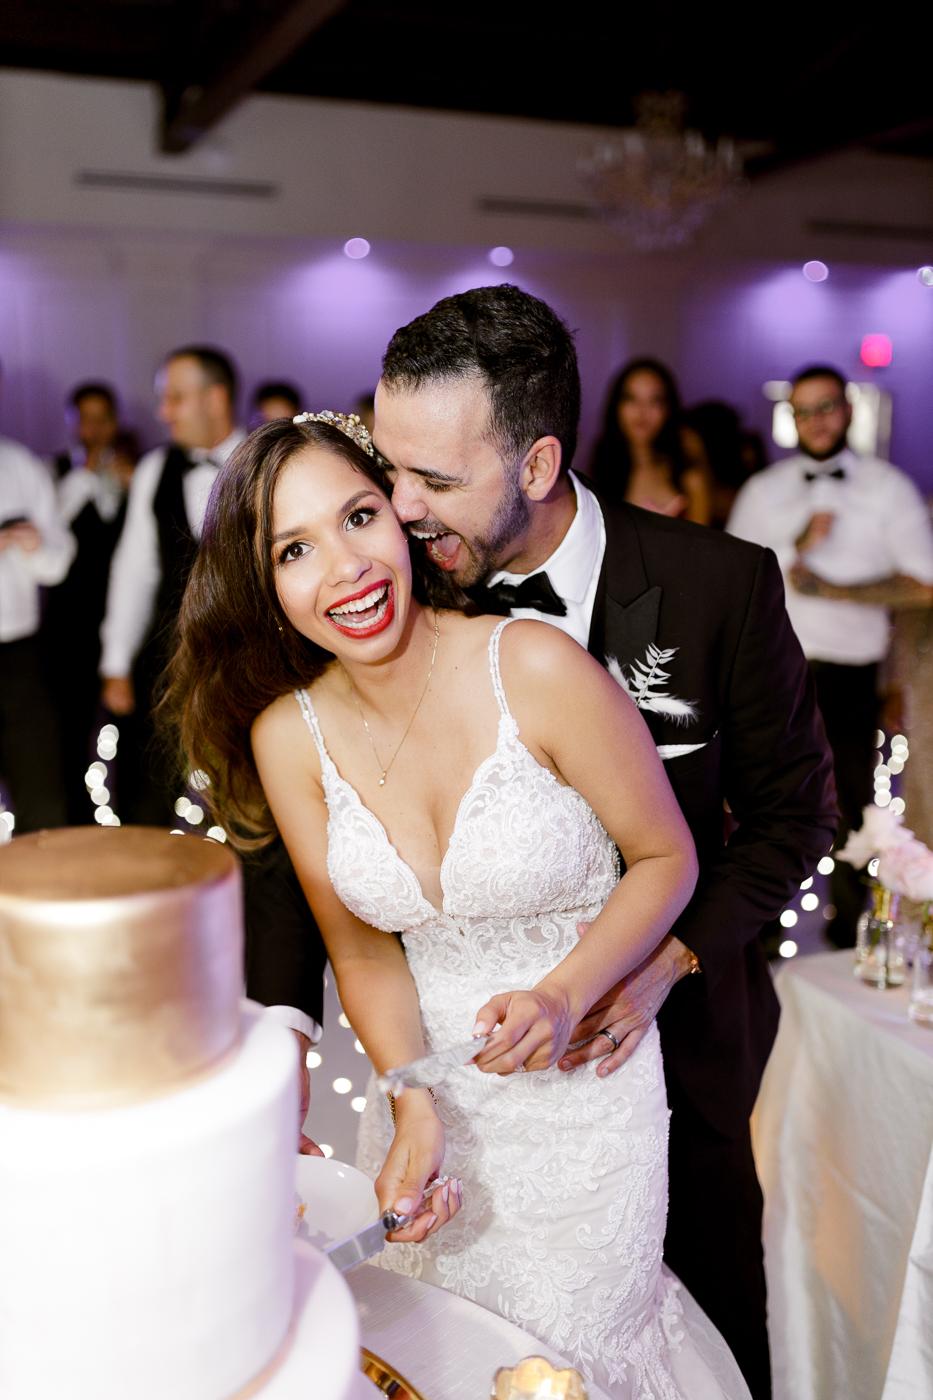 Karen & Caio – reception (25 of 27)